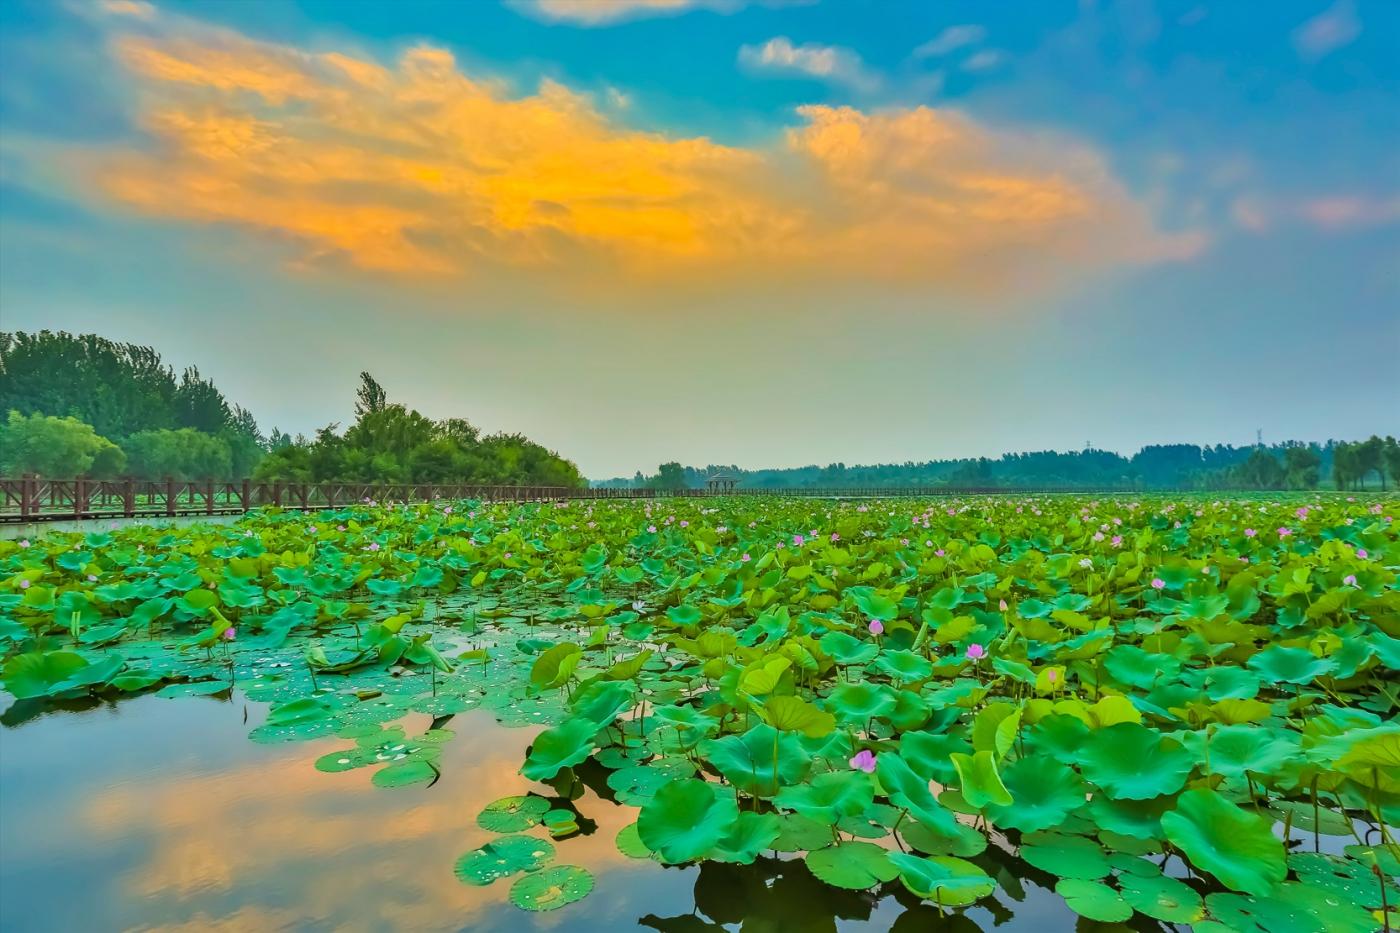 早晨的祥云印照下的临沂黄山武河湿地红荷园_图1-9